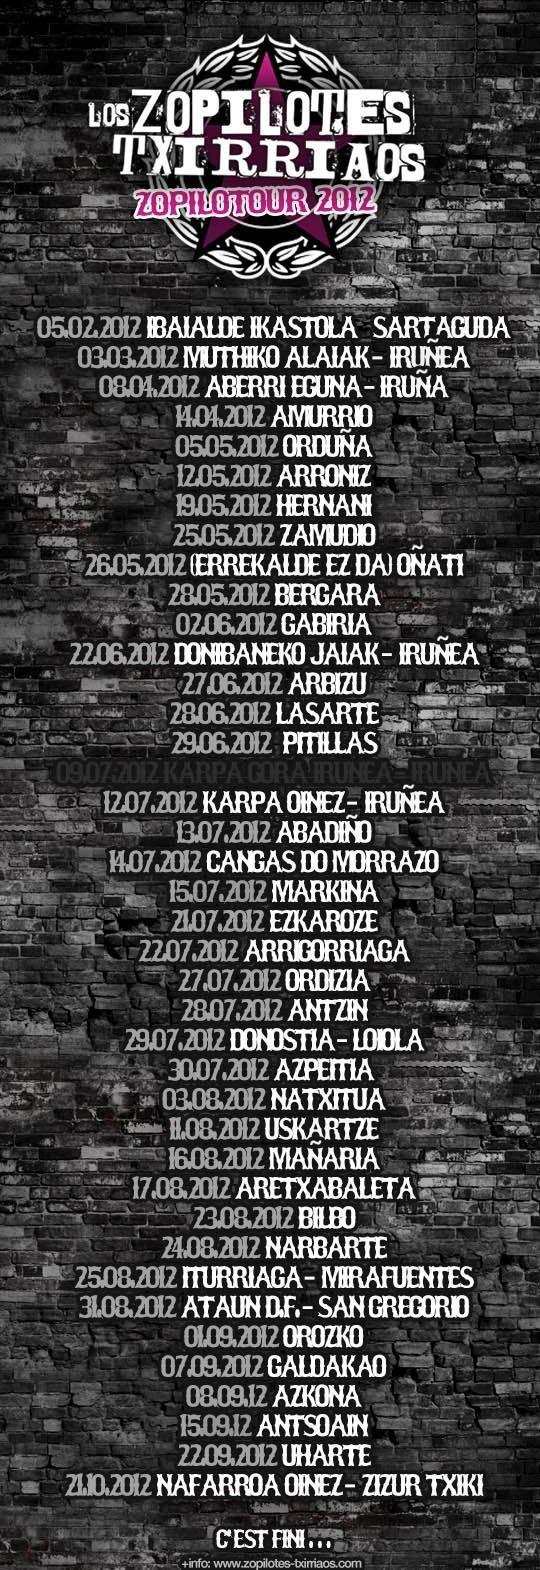 Lista de conciertos